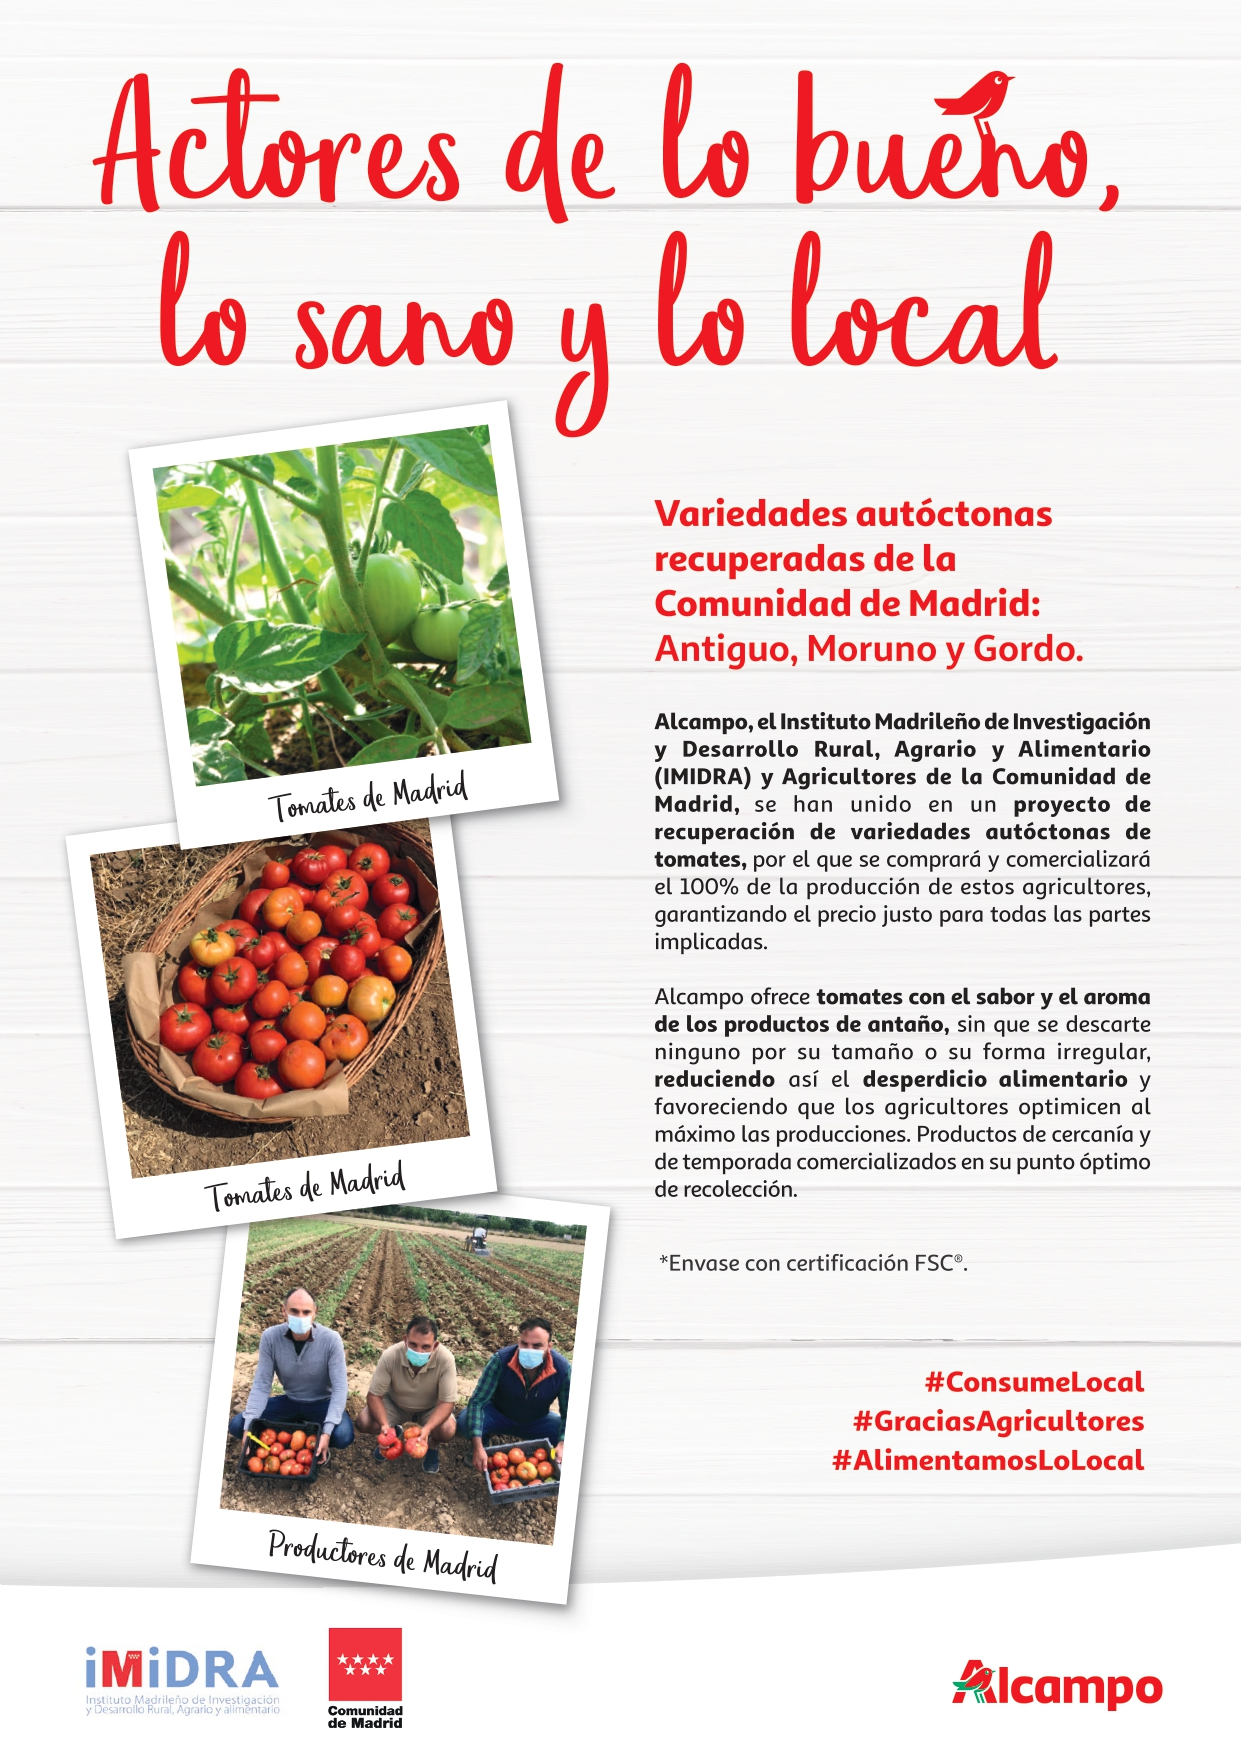 Tomates de Madrid Alcampo